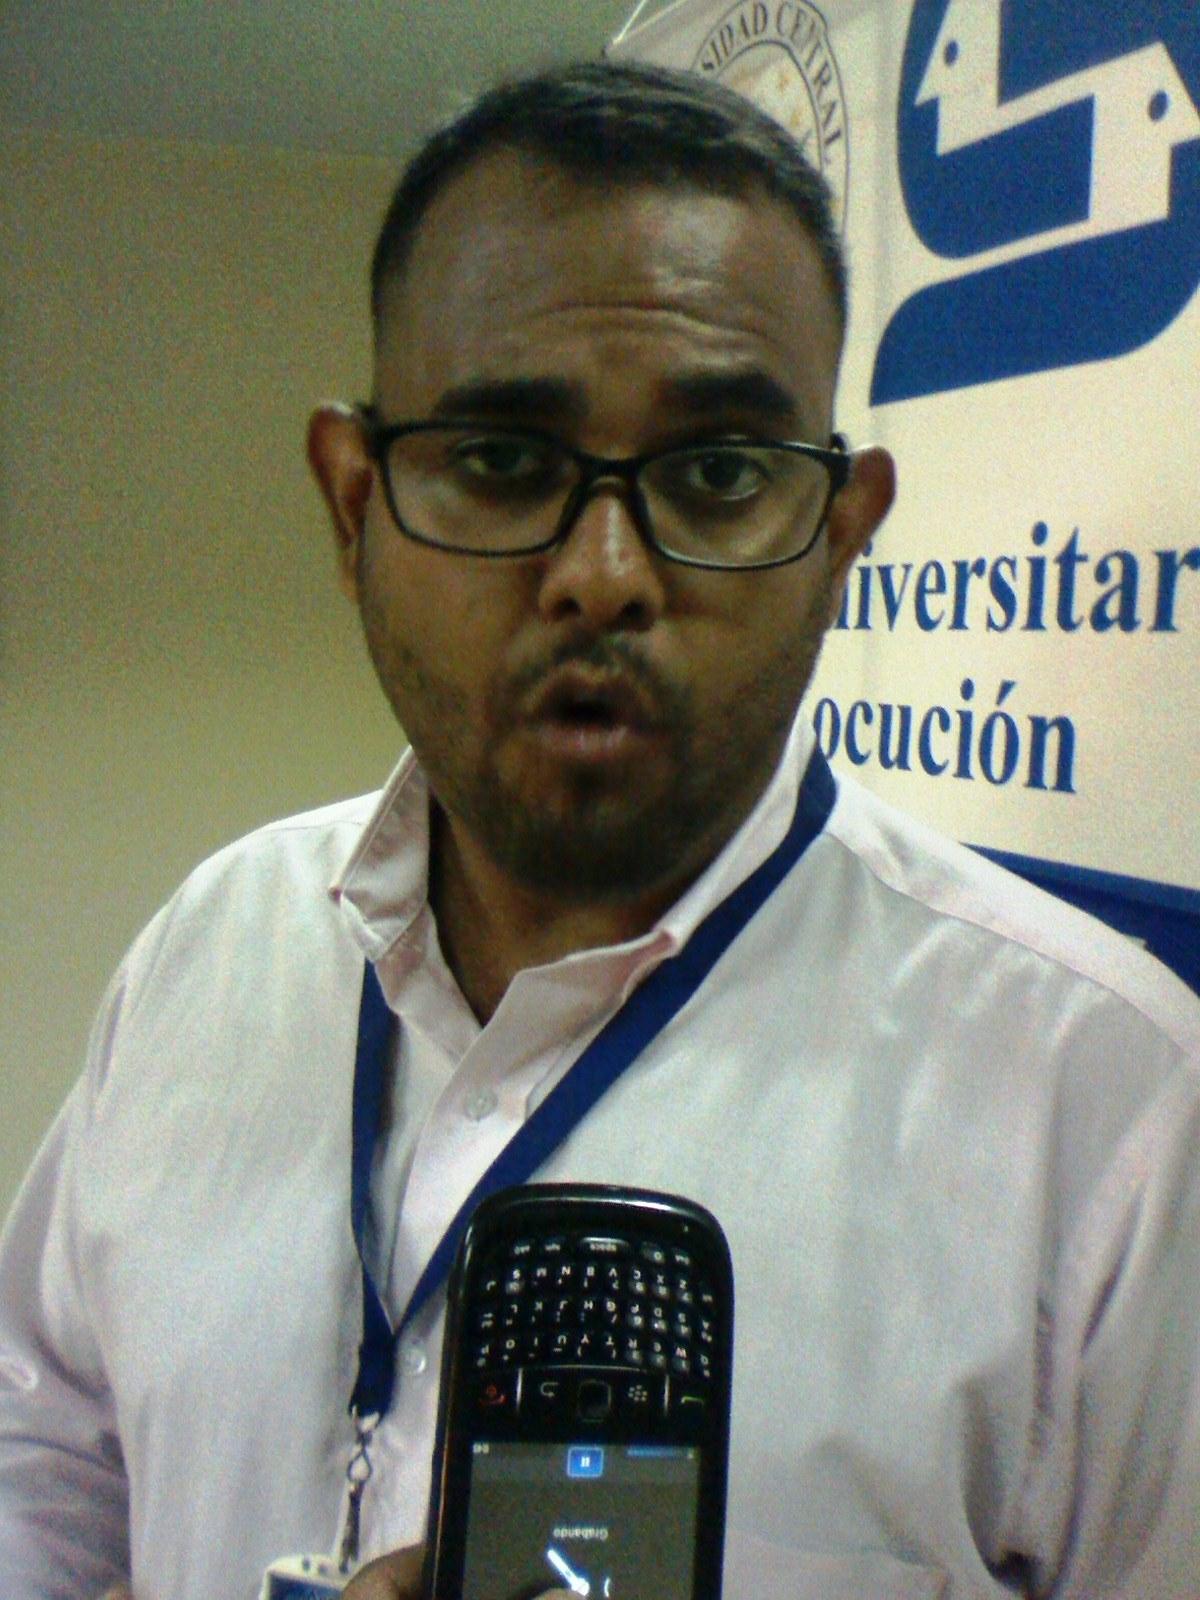 Danny Donaire coordinador regional del curso de locución al momento de ofrecer la información